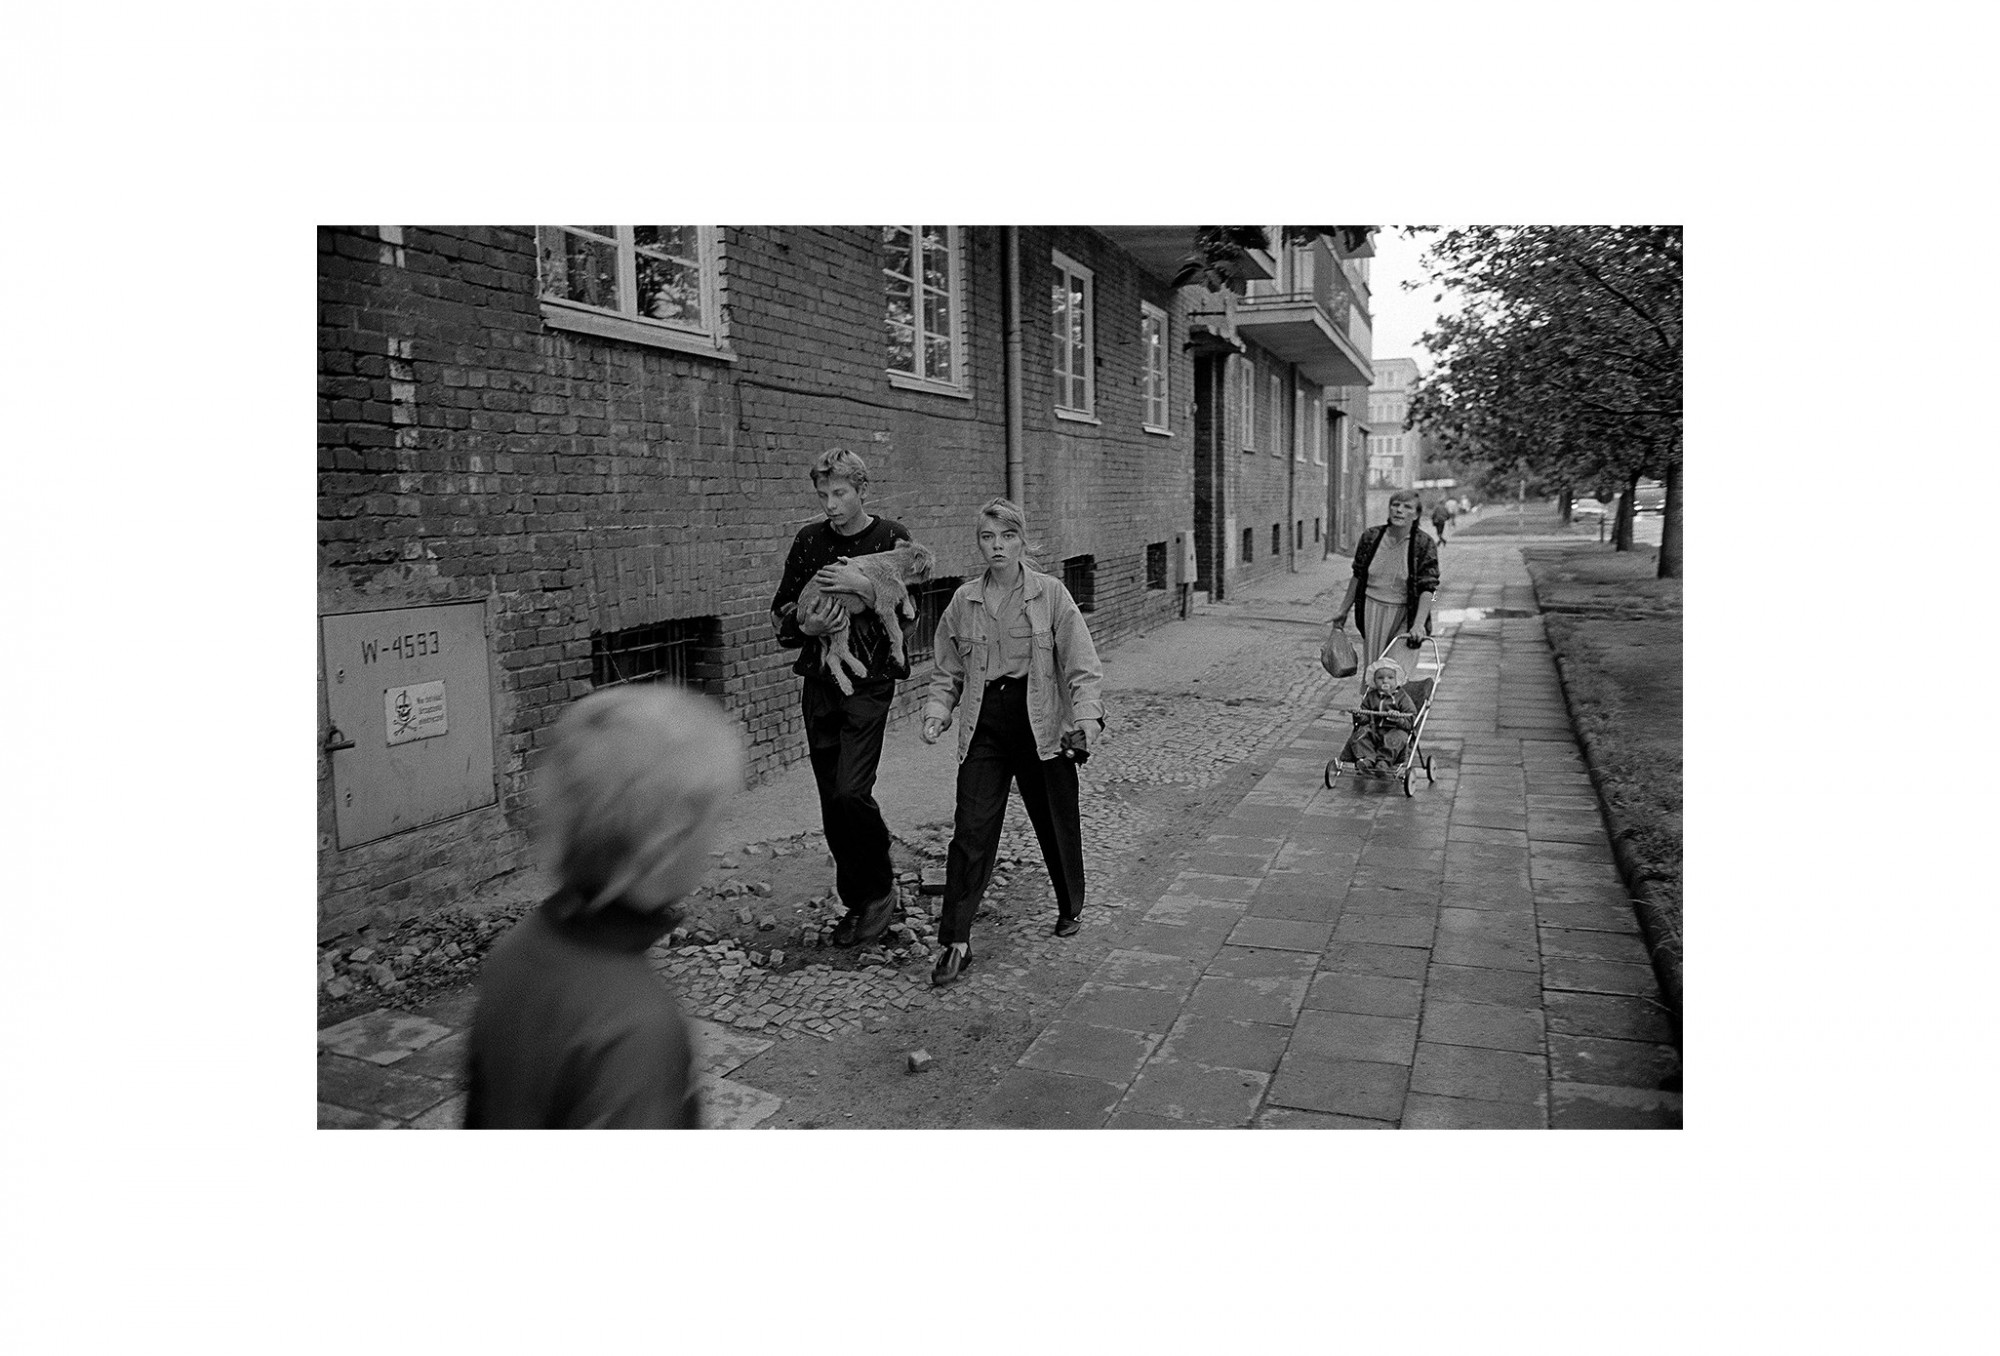 Afbeelding: Uit de reeks : Polen, een kast op glazen poten, 92-27-06, Gdansk,© Dominique Van Huffel.